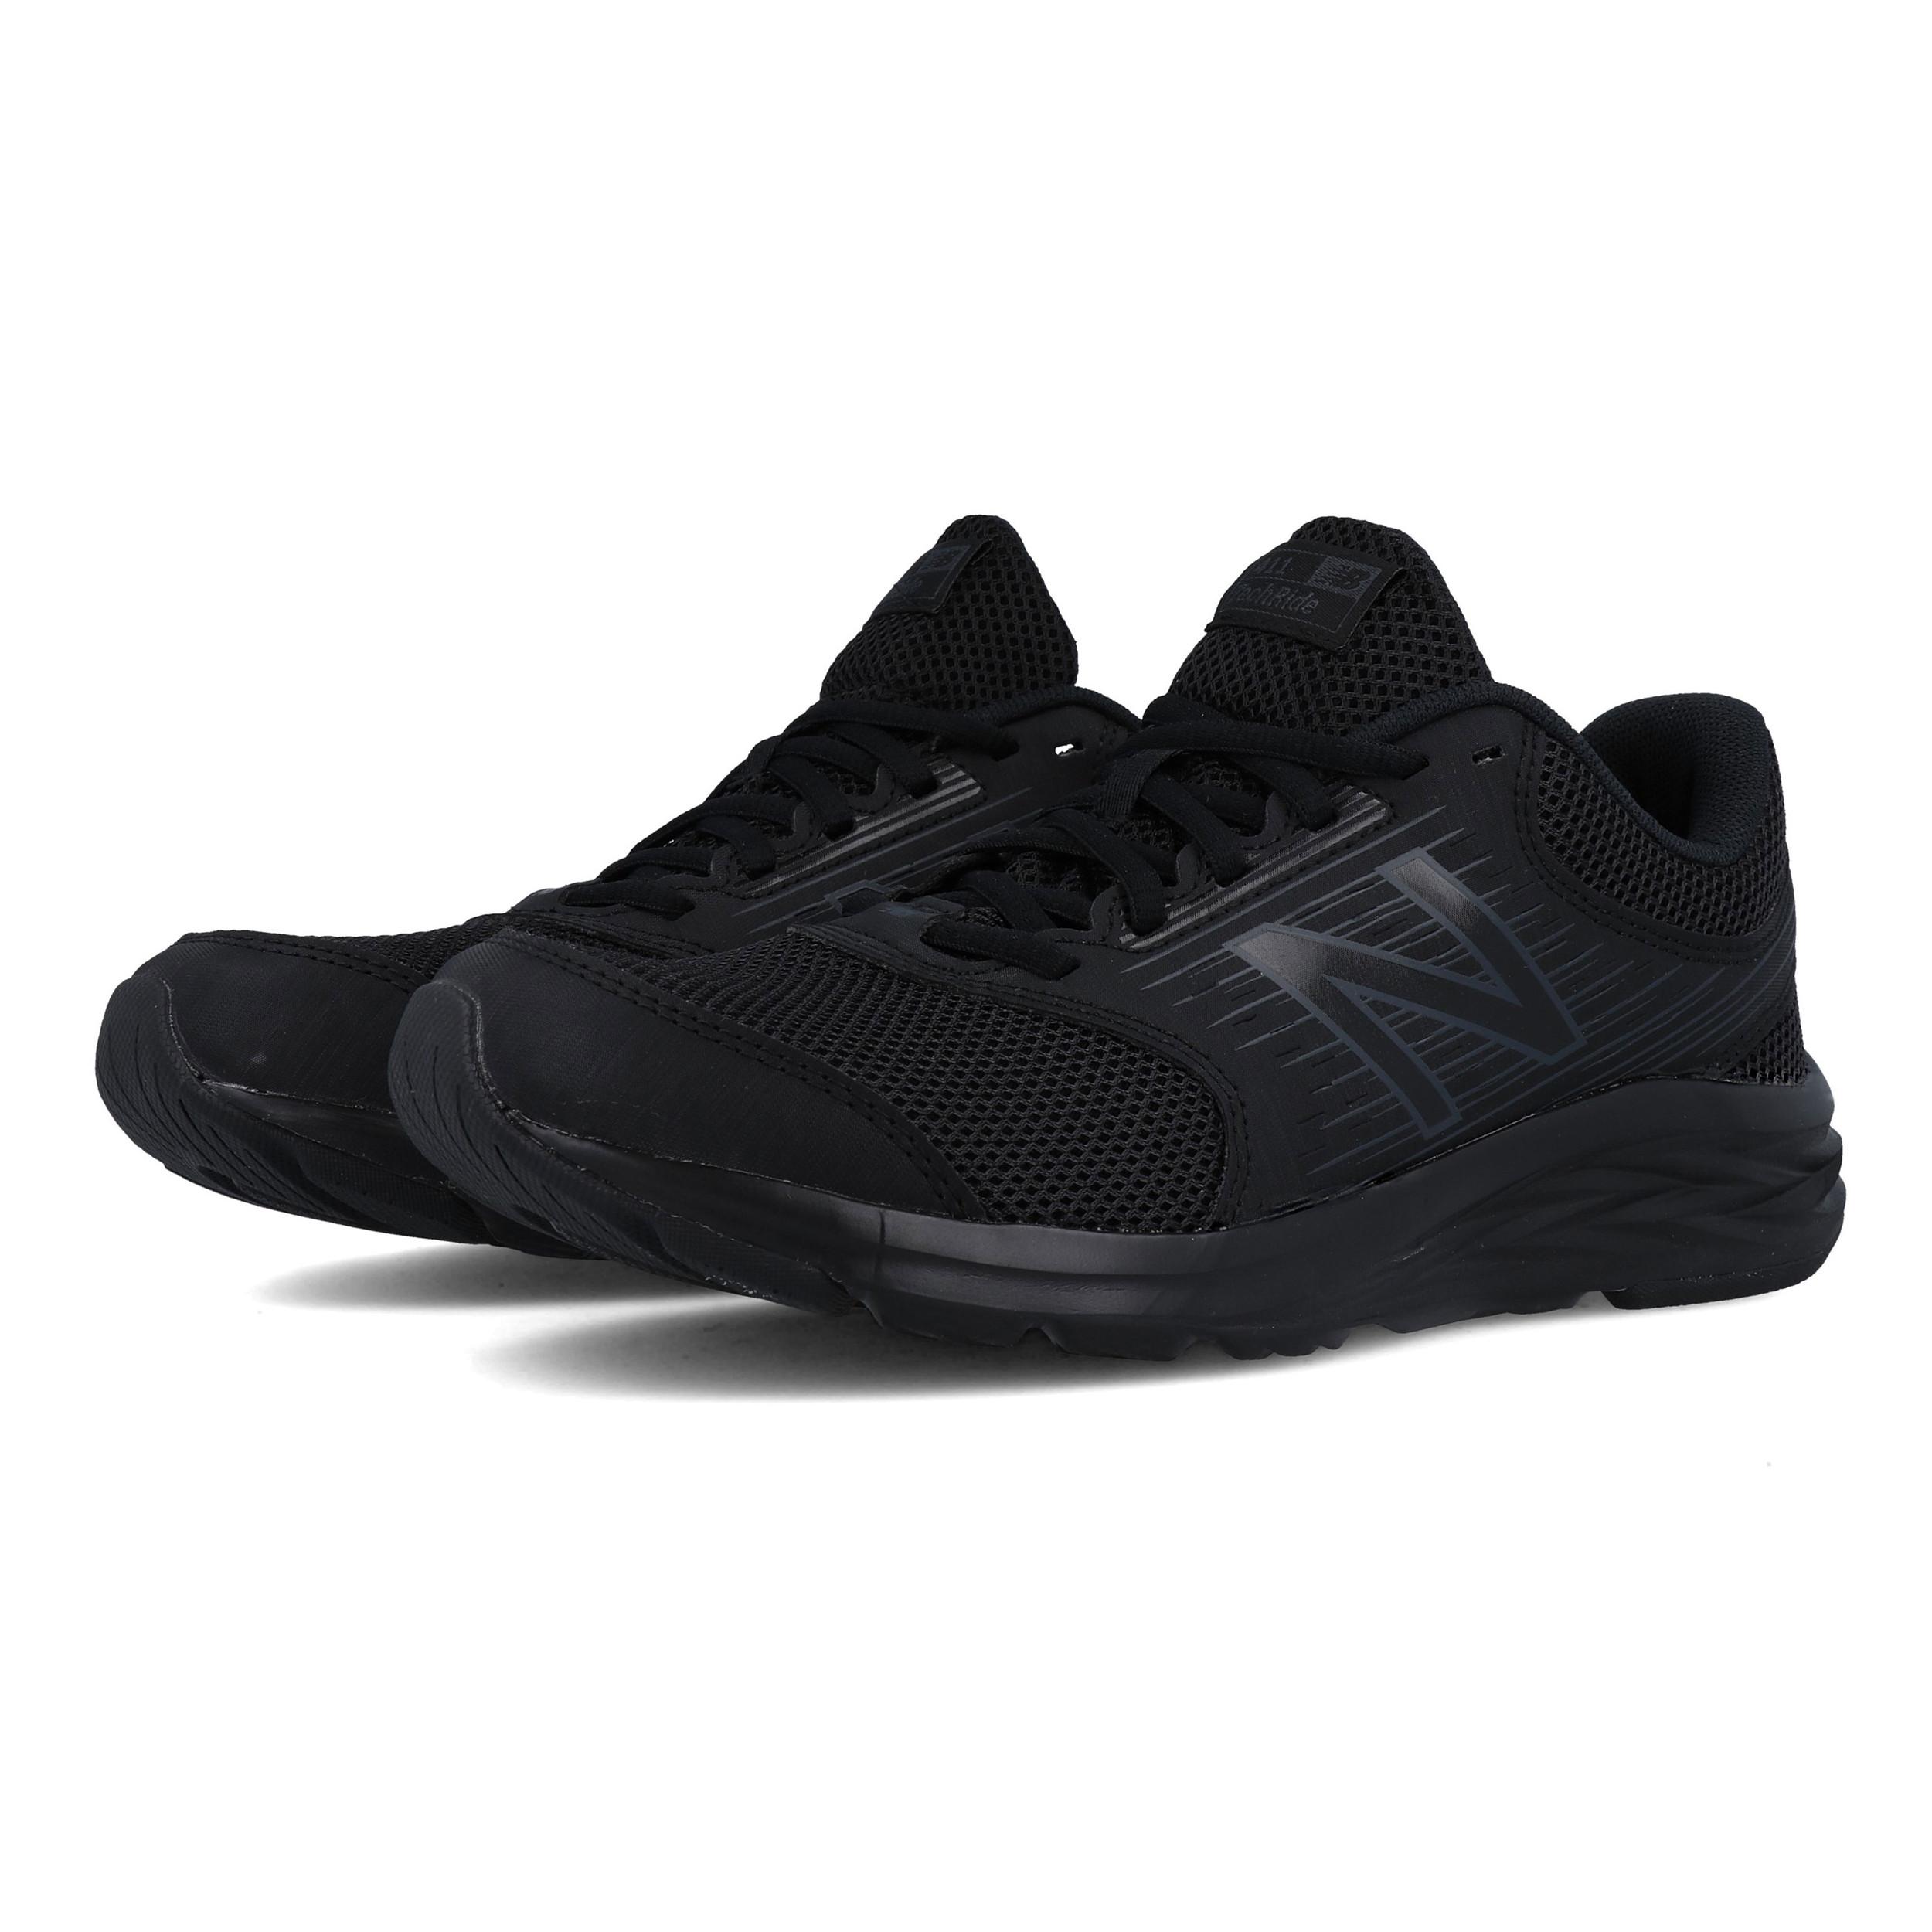 Detalles de New Balance Hombre 411v1 Correr Zapatos Zapatillas Negro Deporte Transpirable